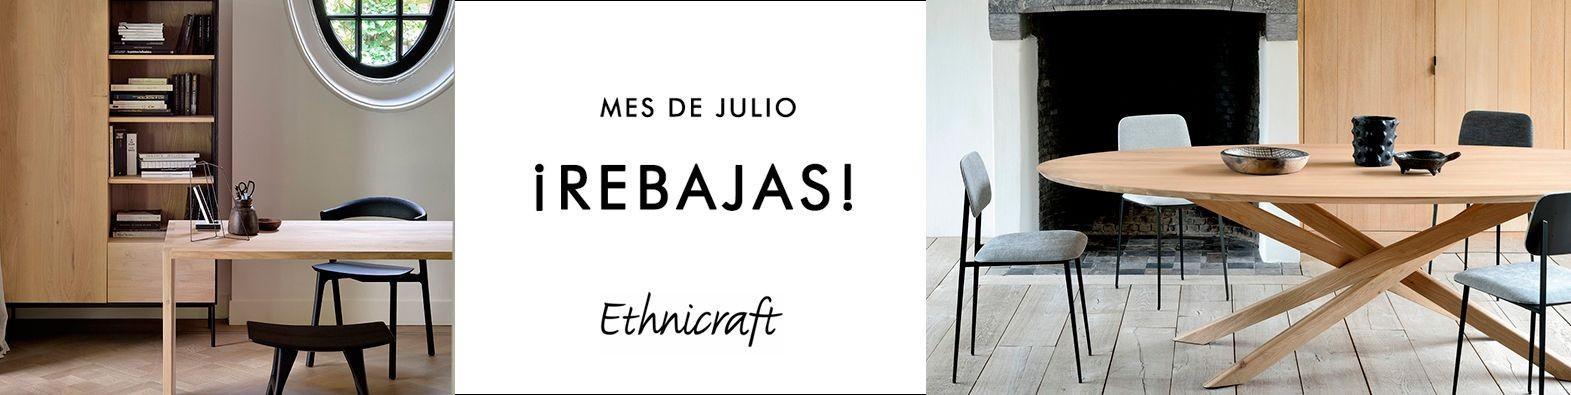 Ethnicraft muebles de diseño nórdico para el hogar ¡Ahora con un 15% de descuento!